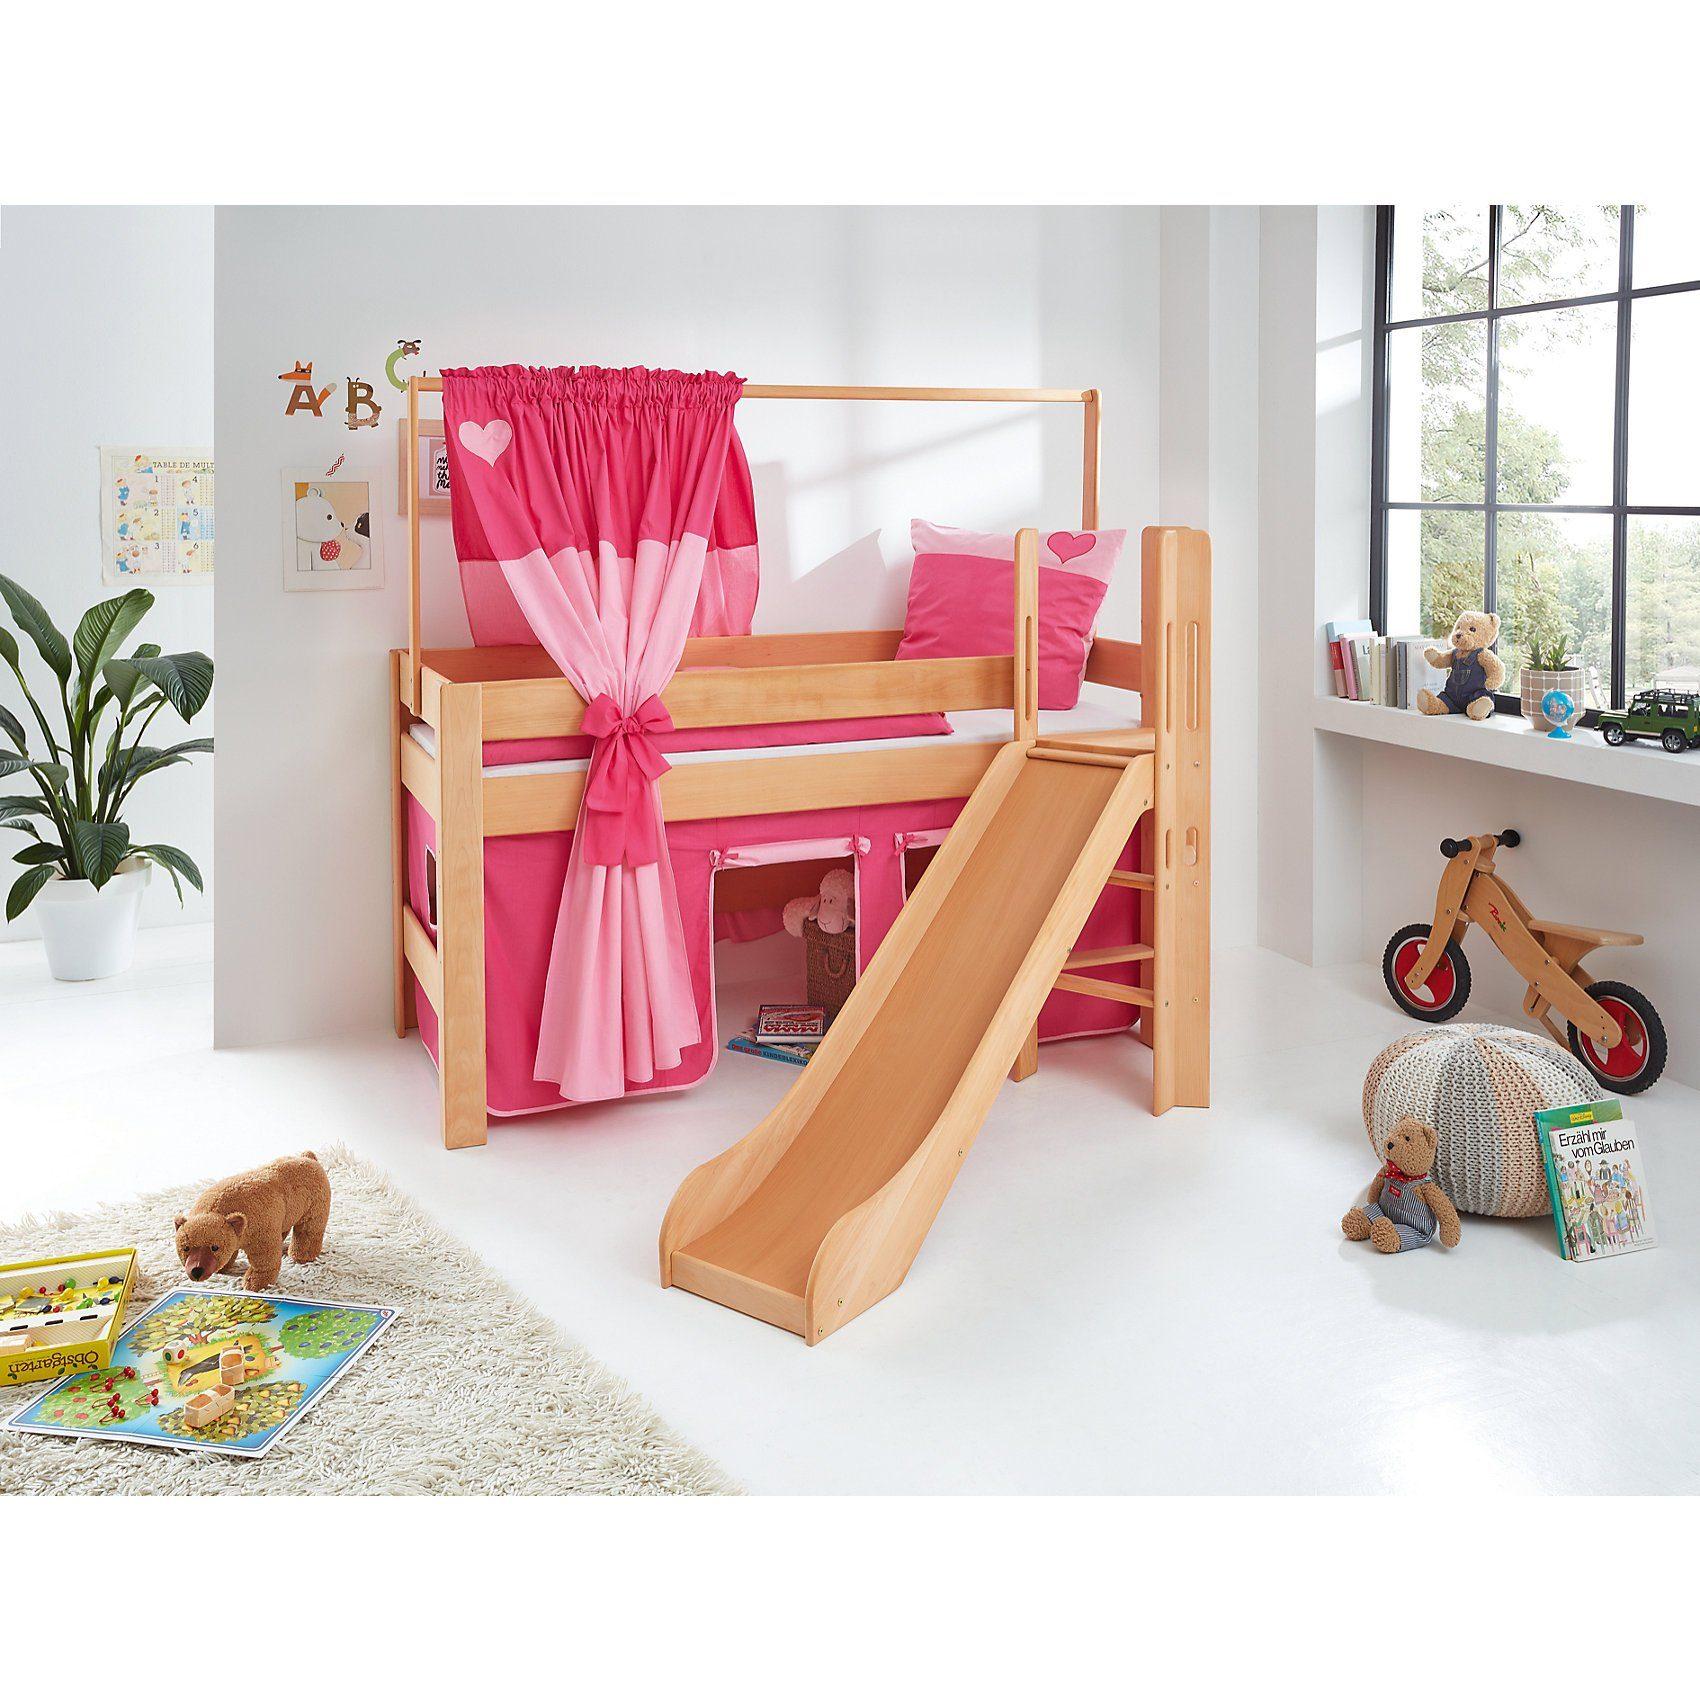 Relita Zeltstoffset für Spielbett LEO, Herz, pink/rosa